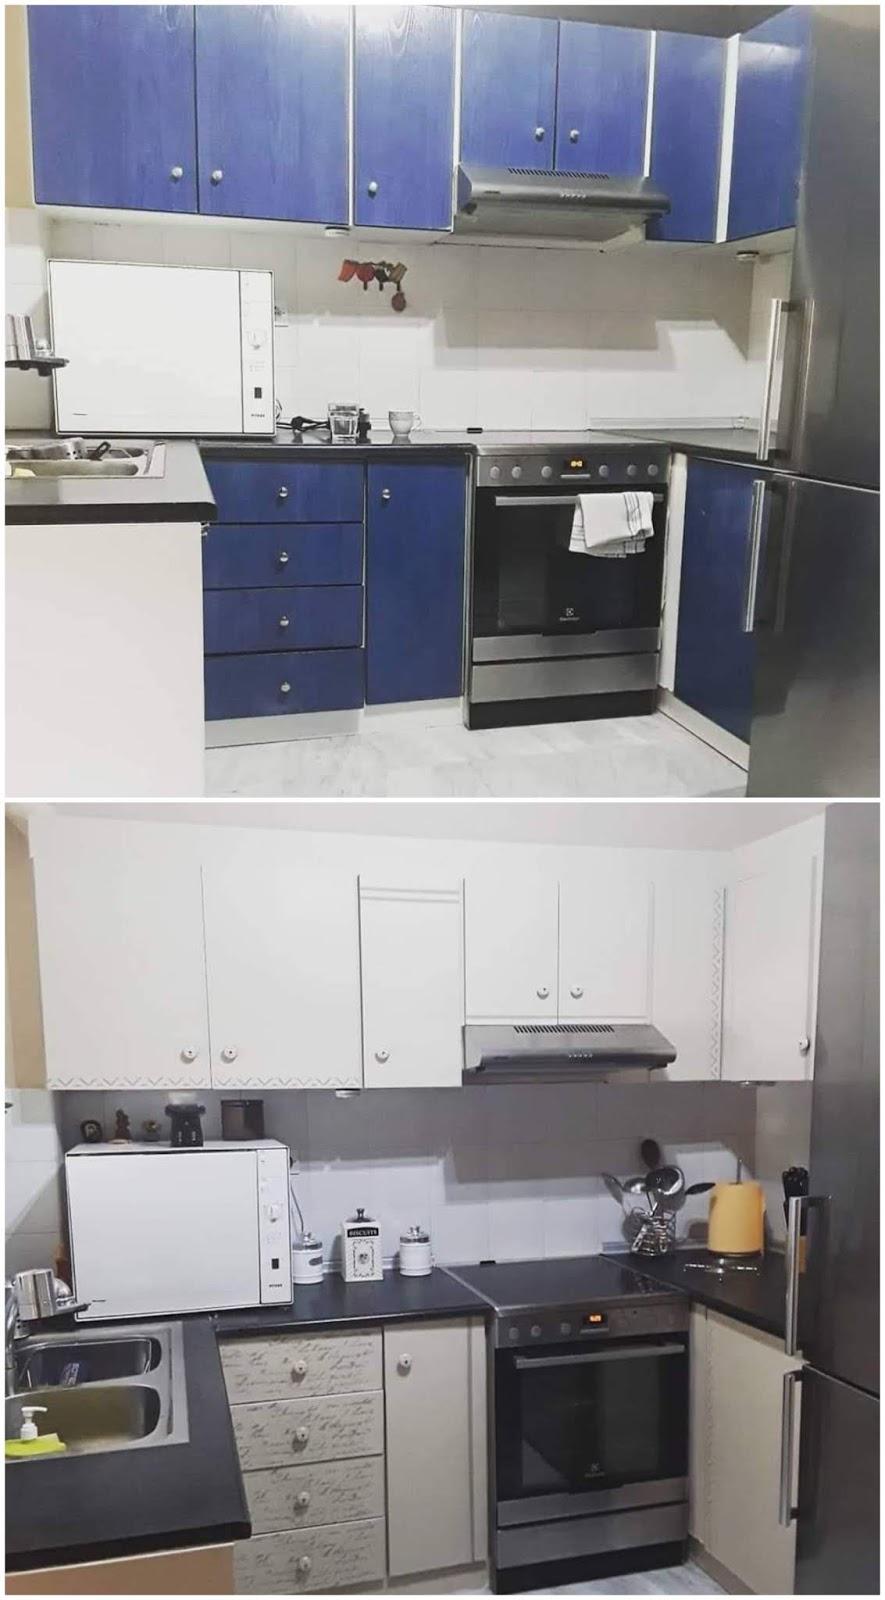 Αφιέρωμα: Κουζίνα! Έλα στην κουζίνα, βάζω καφέ! 6 Annie Sloan Greece